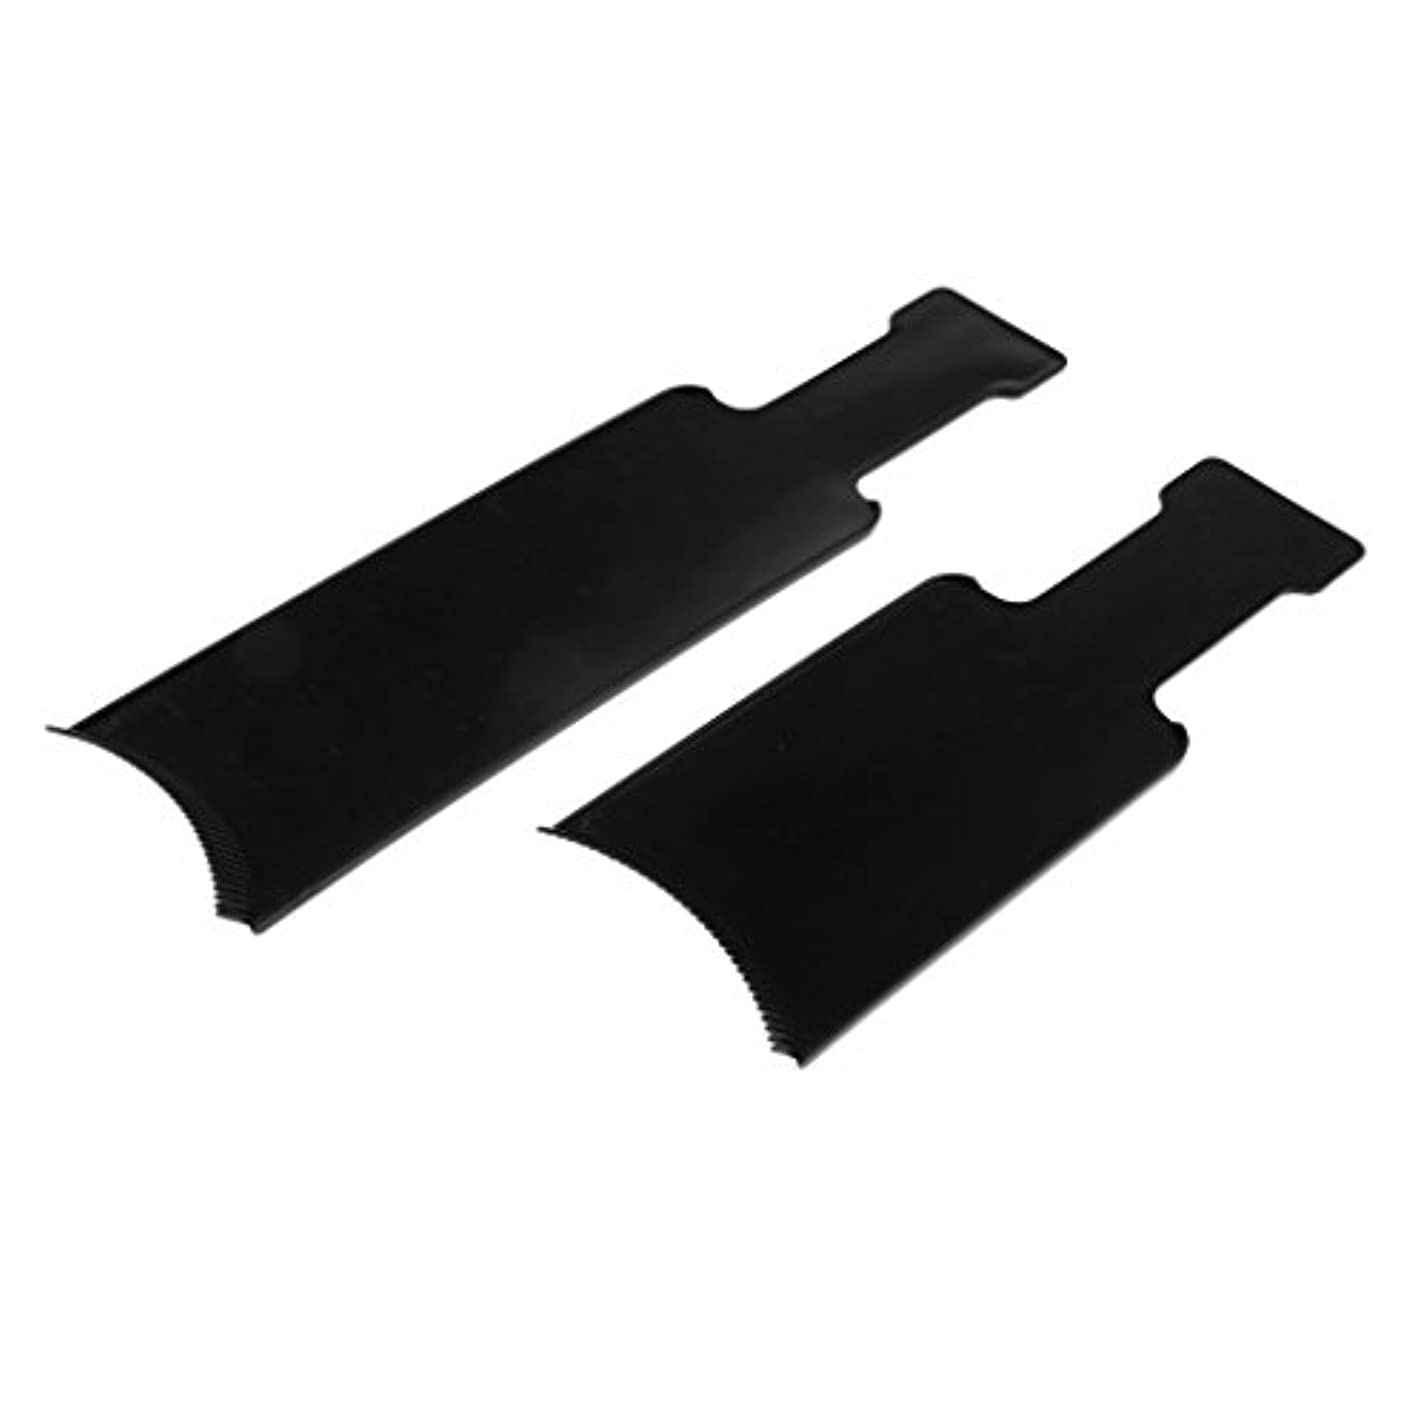 くるくる運動テストDYNWAVE ヘアカラーボード 染色櫛 染色プレート ヘアカラー プラスチック製 美容ツール 黒 2個入